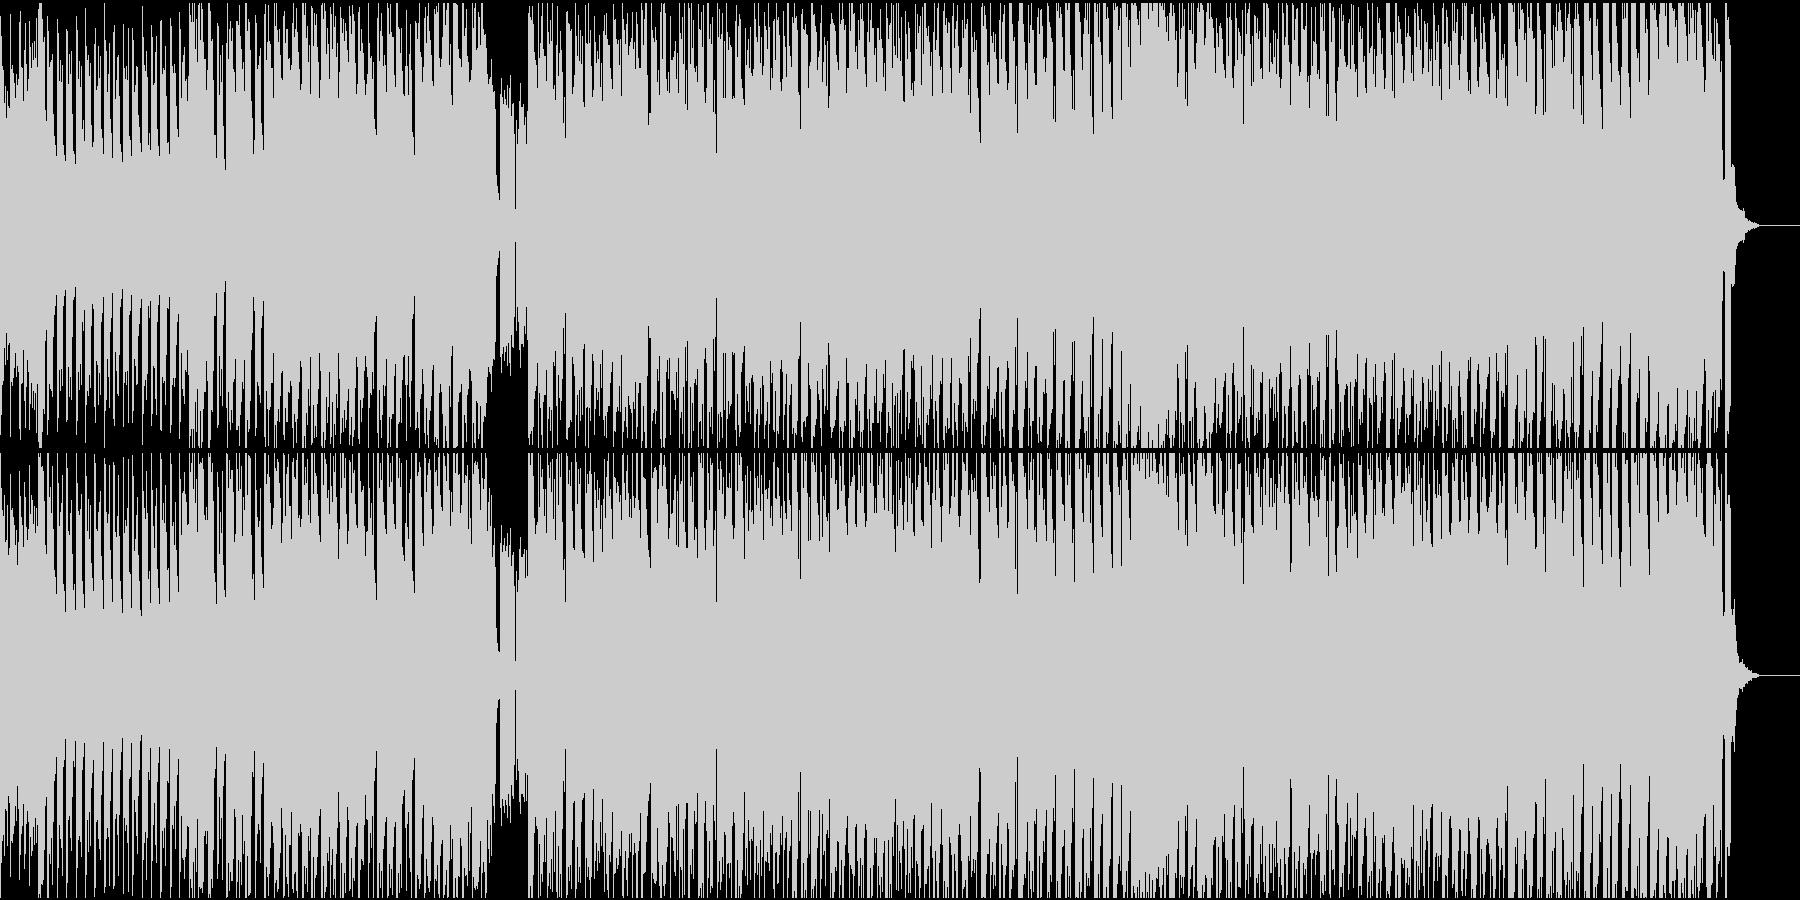 攻撃的なEDMに変身したモルダウです!の未再生の波形